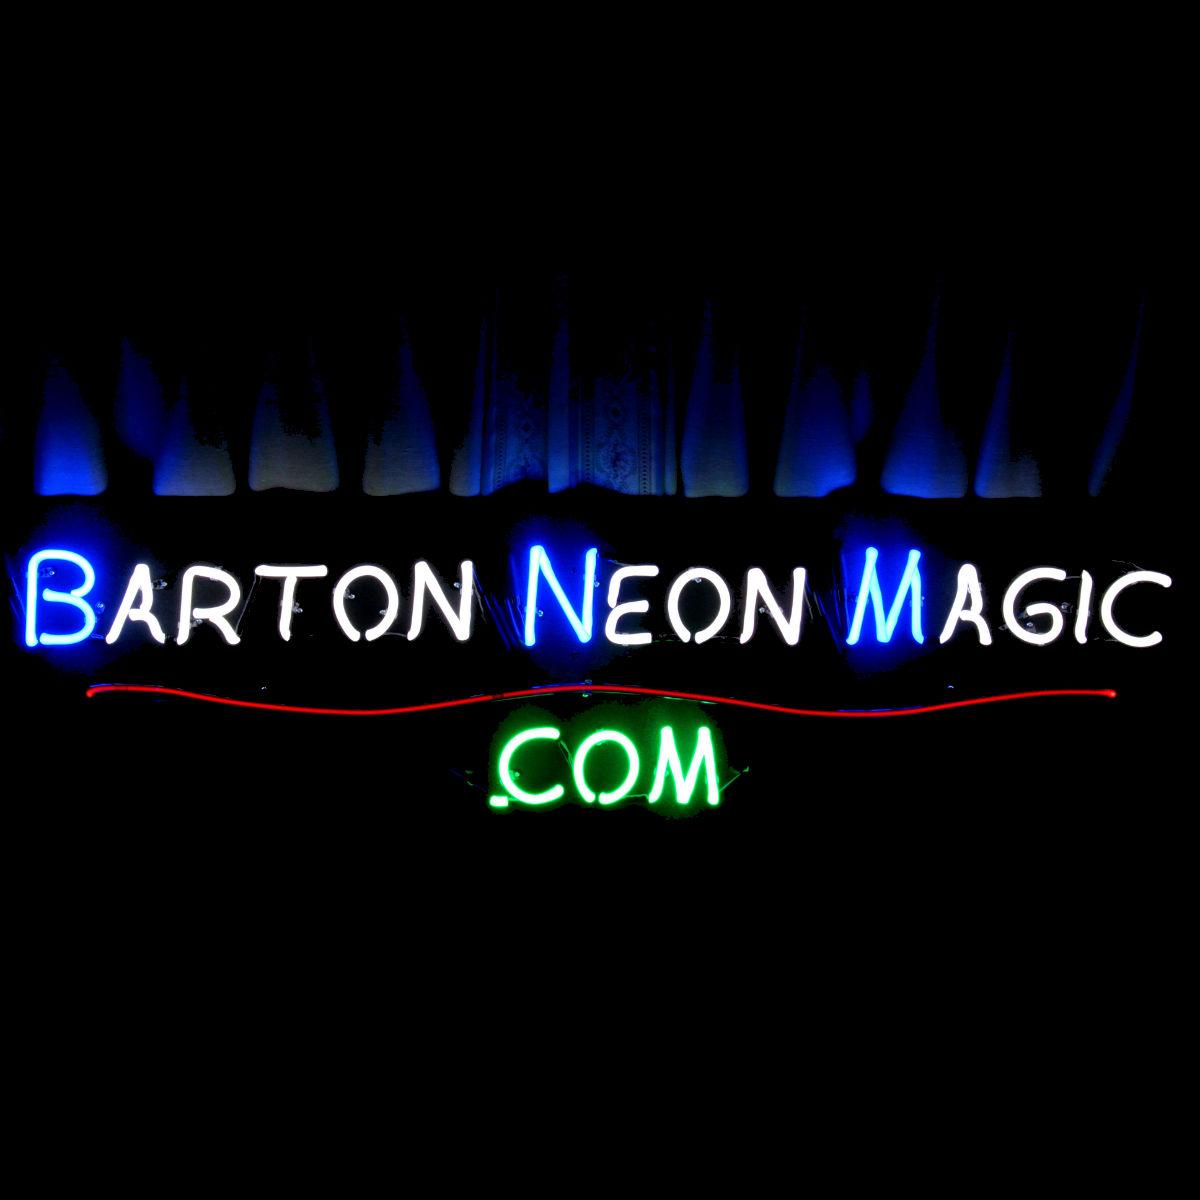 KITTEN NEON LIGHT SCULPTURE by John Barton - BartonNeonMagic.com